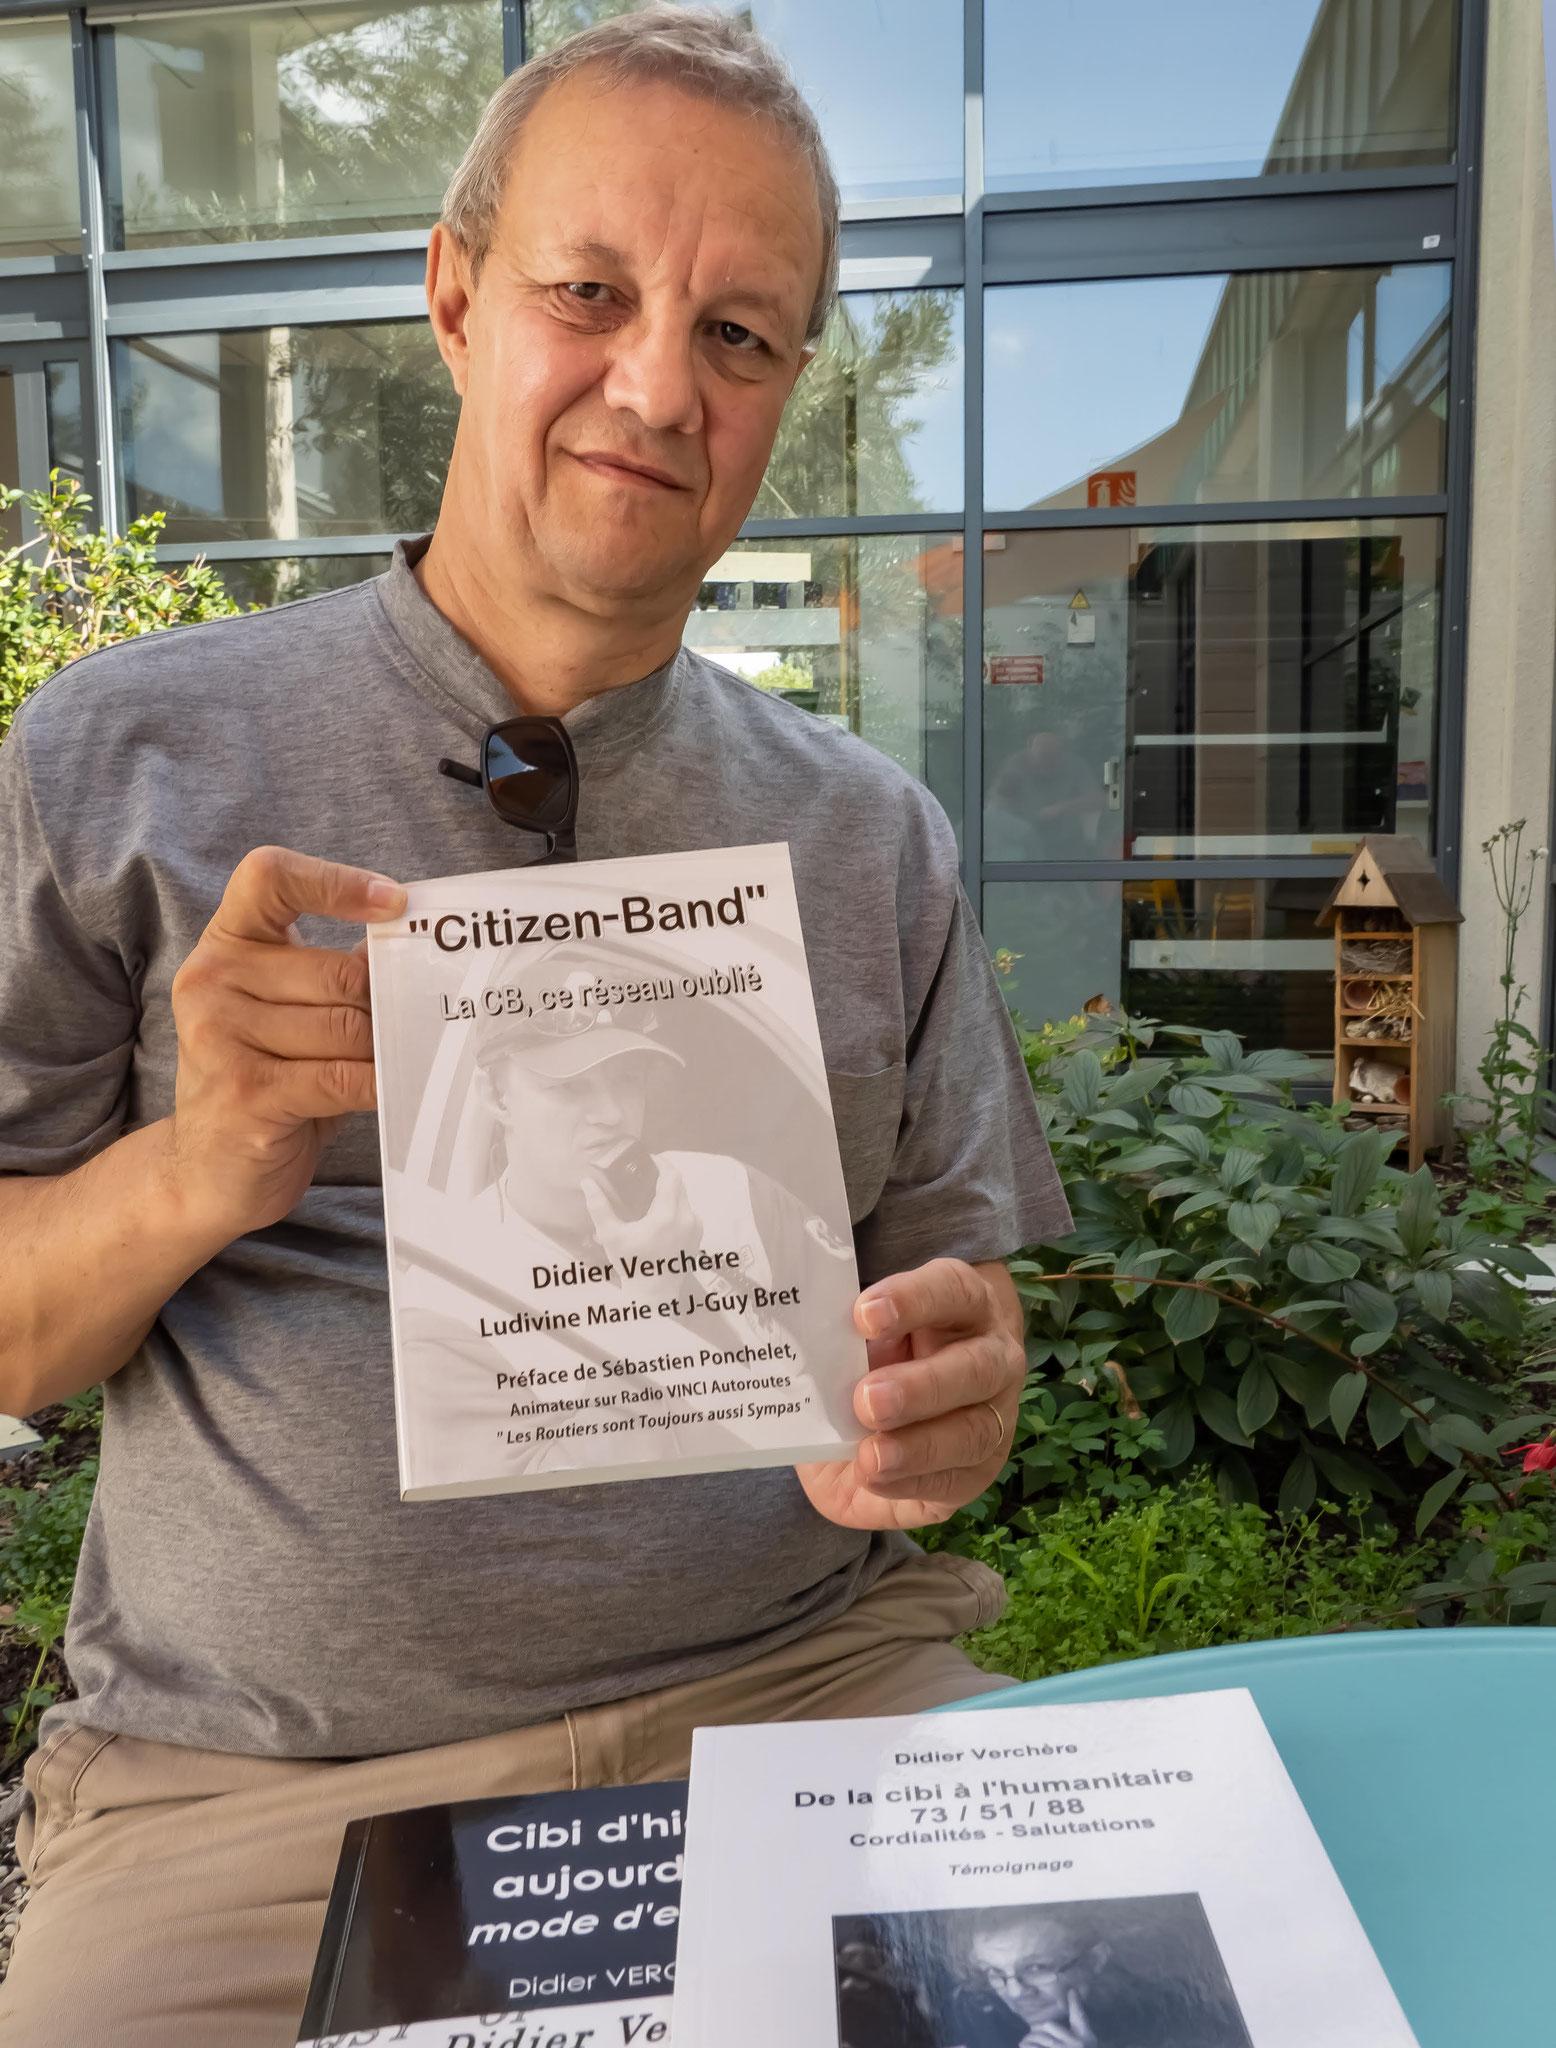 L'auteur présente le livre